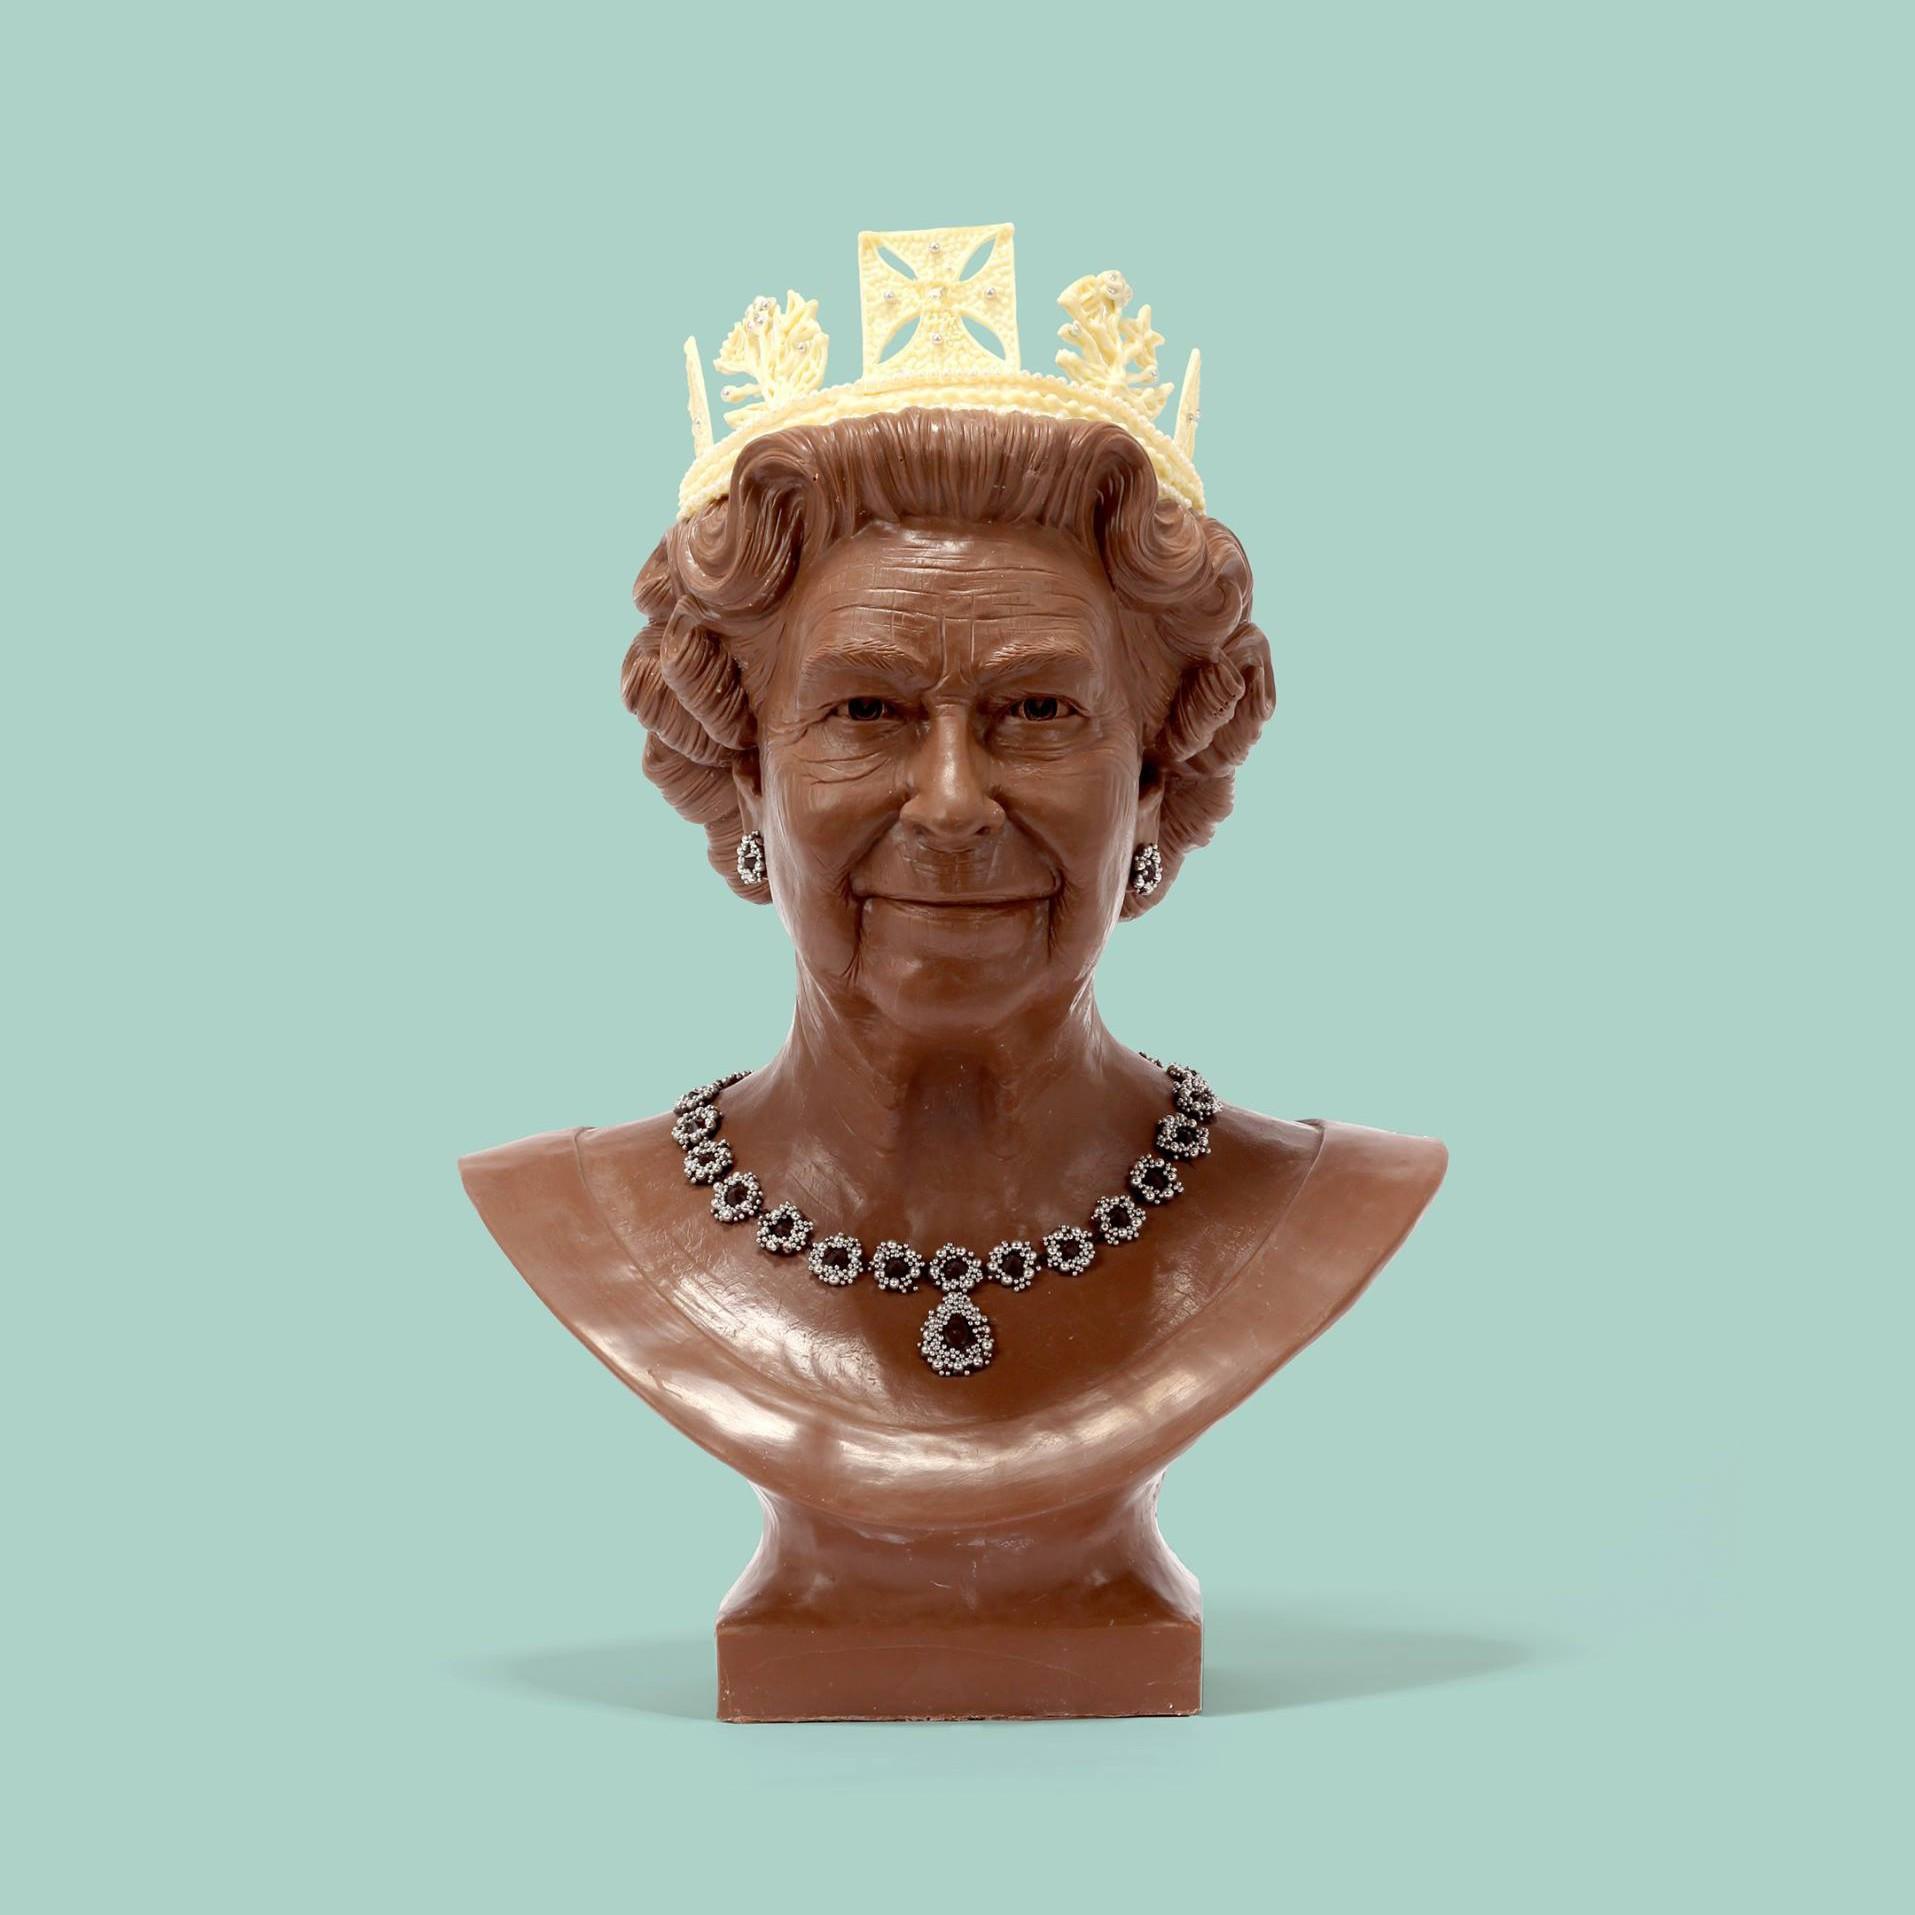 Chocolate Queen Elizabeth II